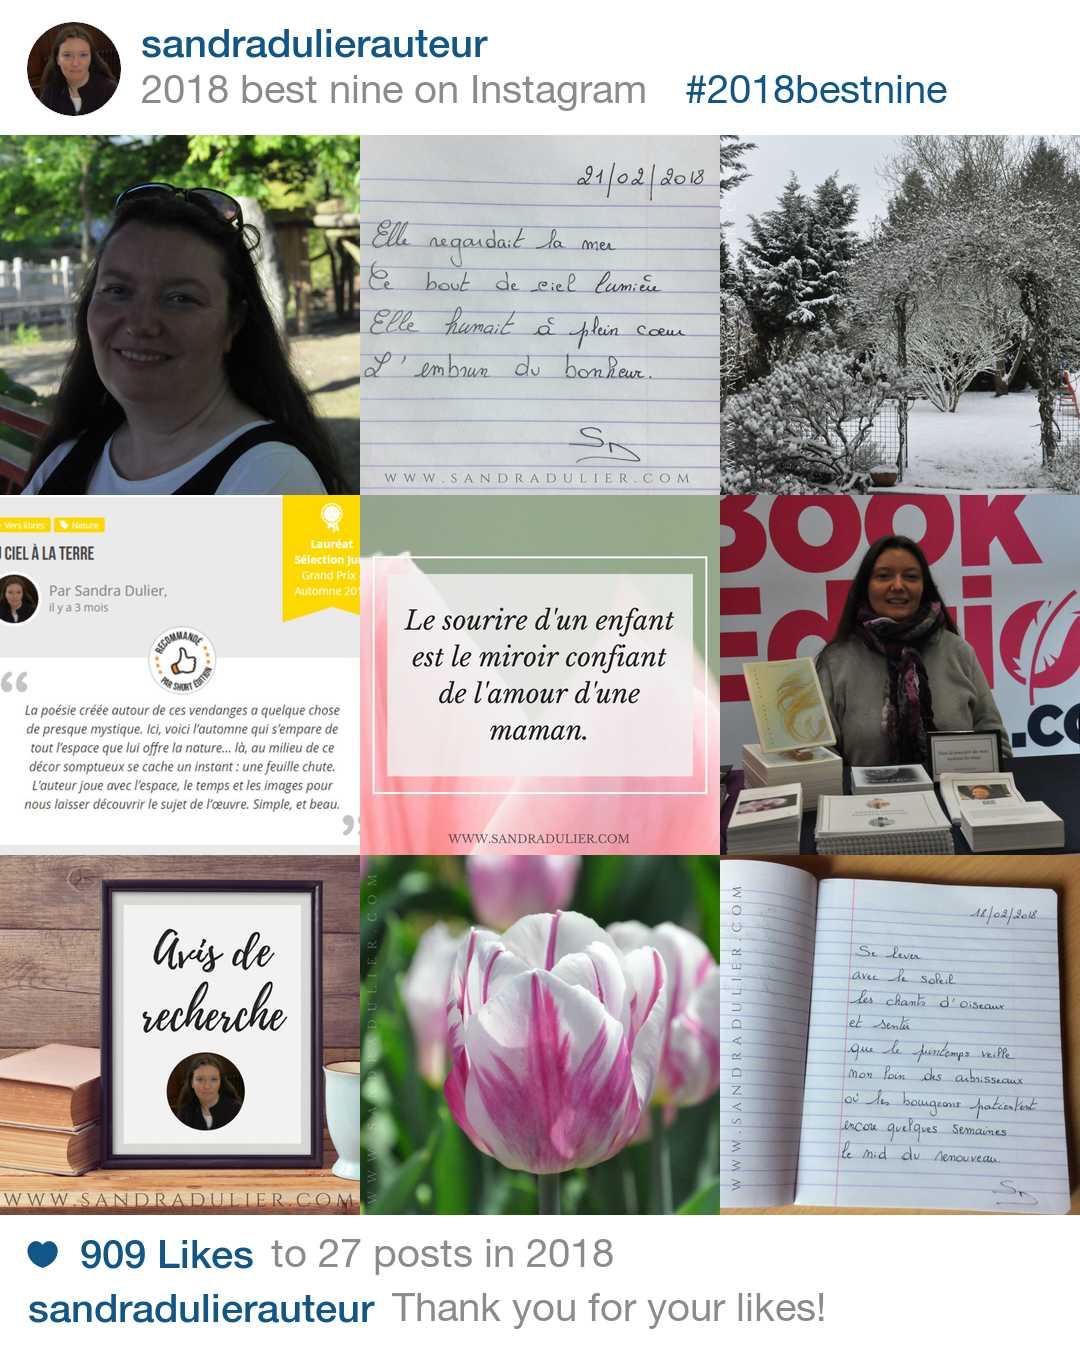 Bestnine 2018 Sandra Dulier sur Instagram. Les 9 photos les plus appréciées en 2018.